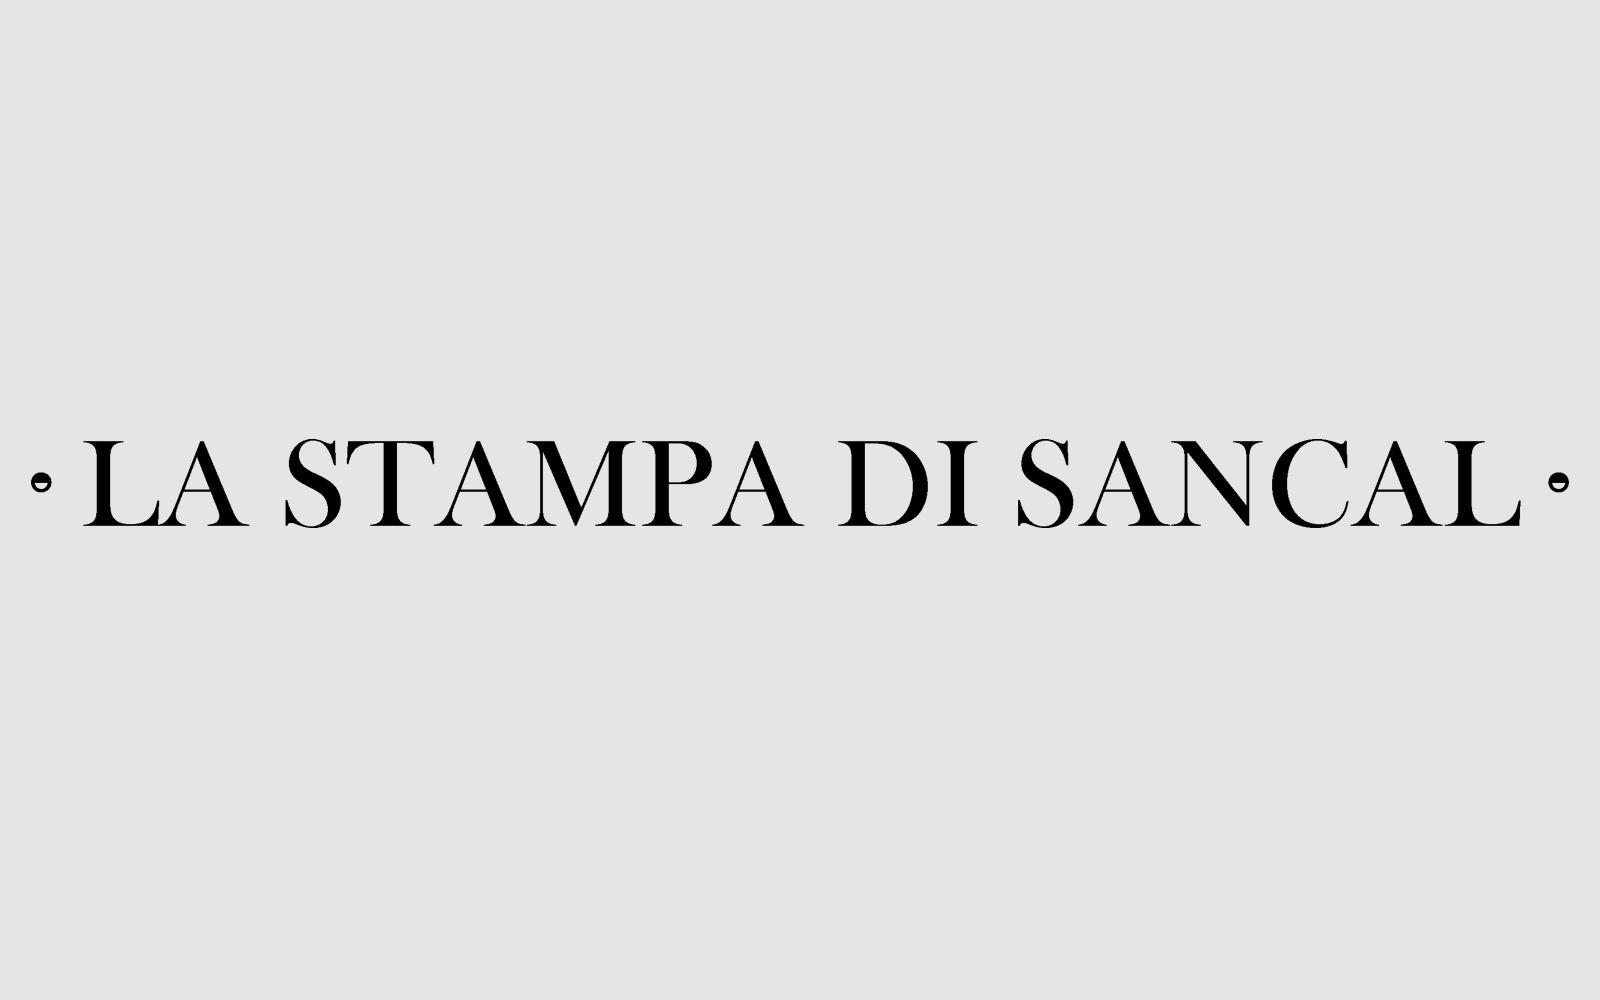 La Stampa di Sancal